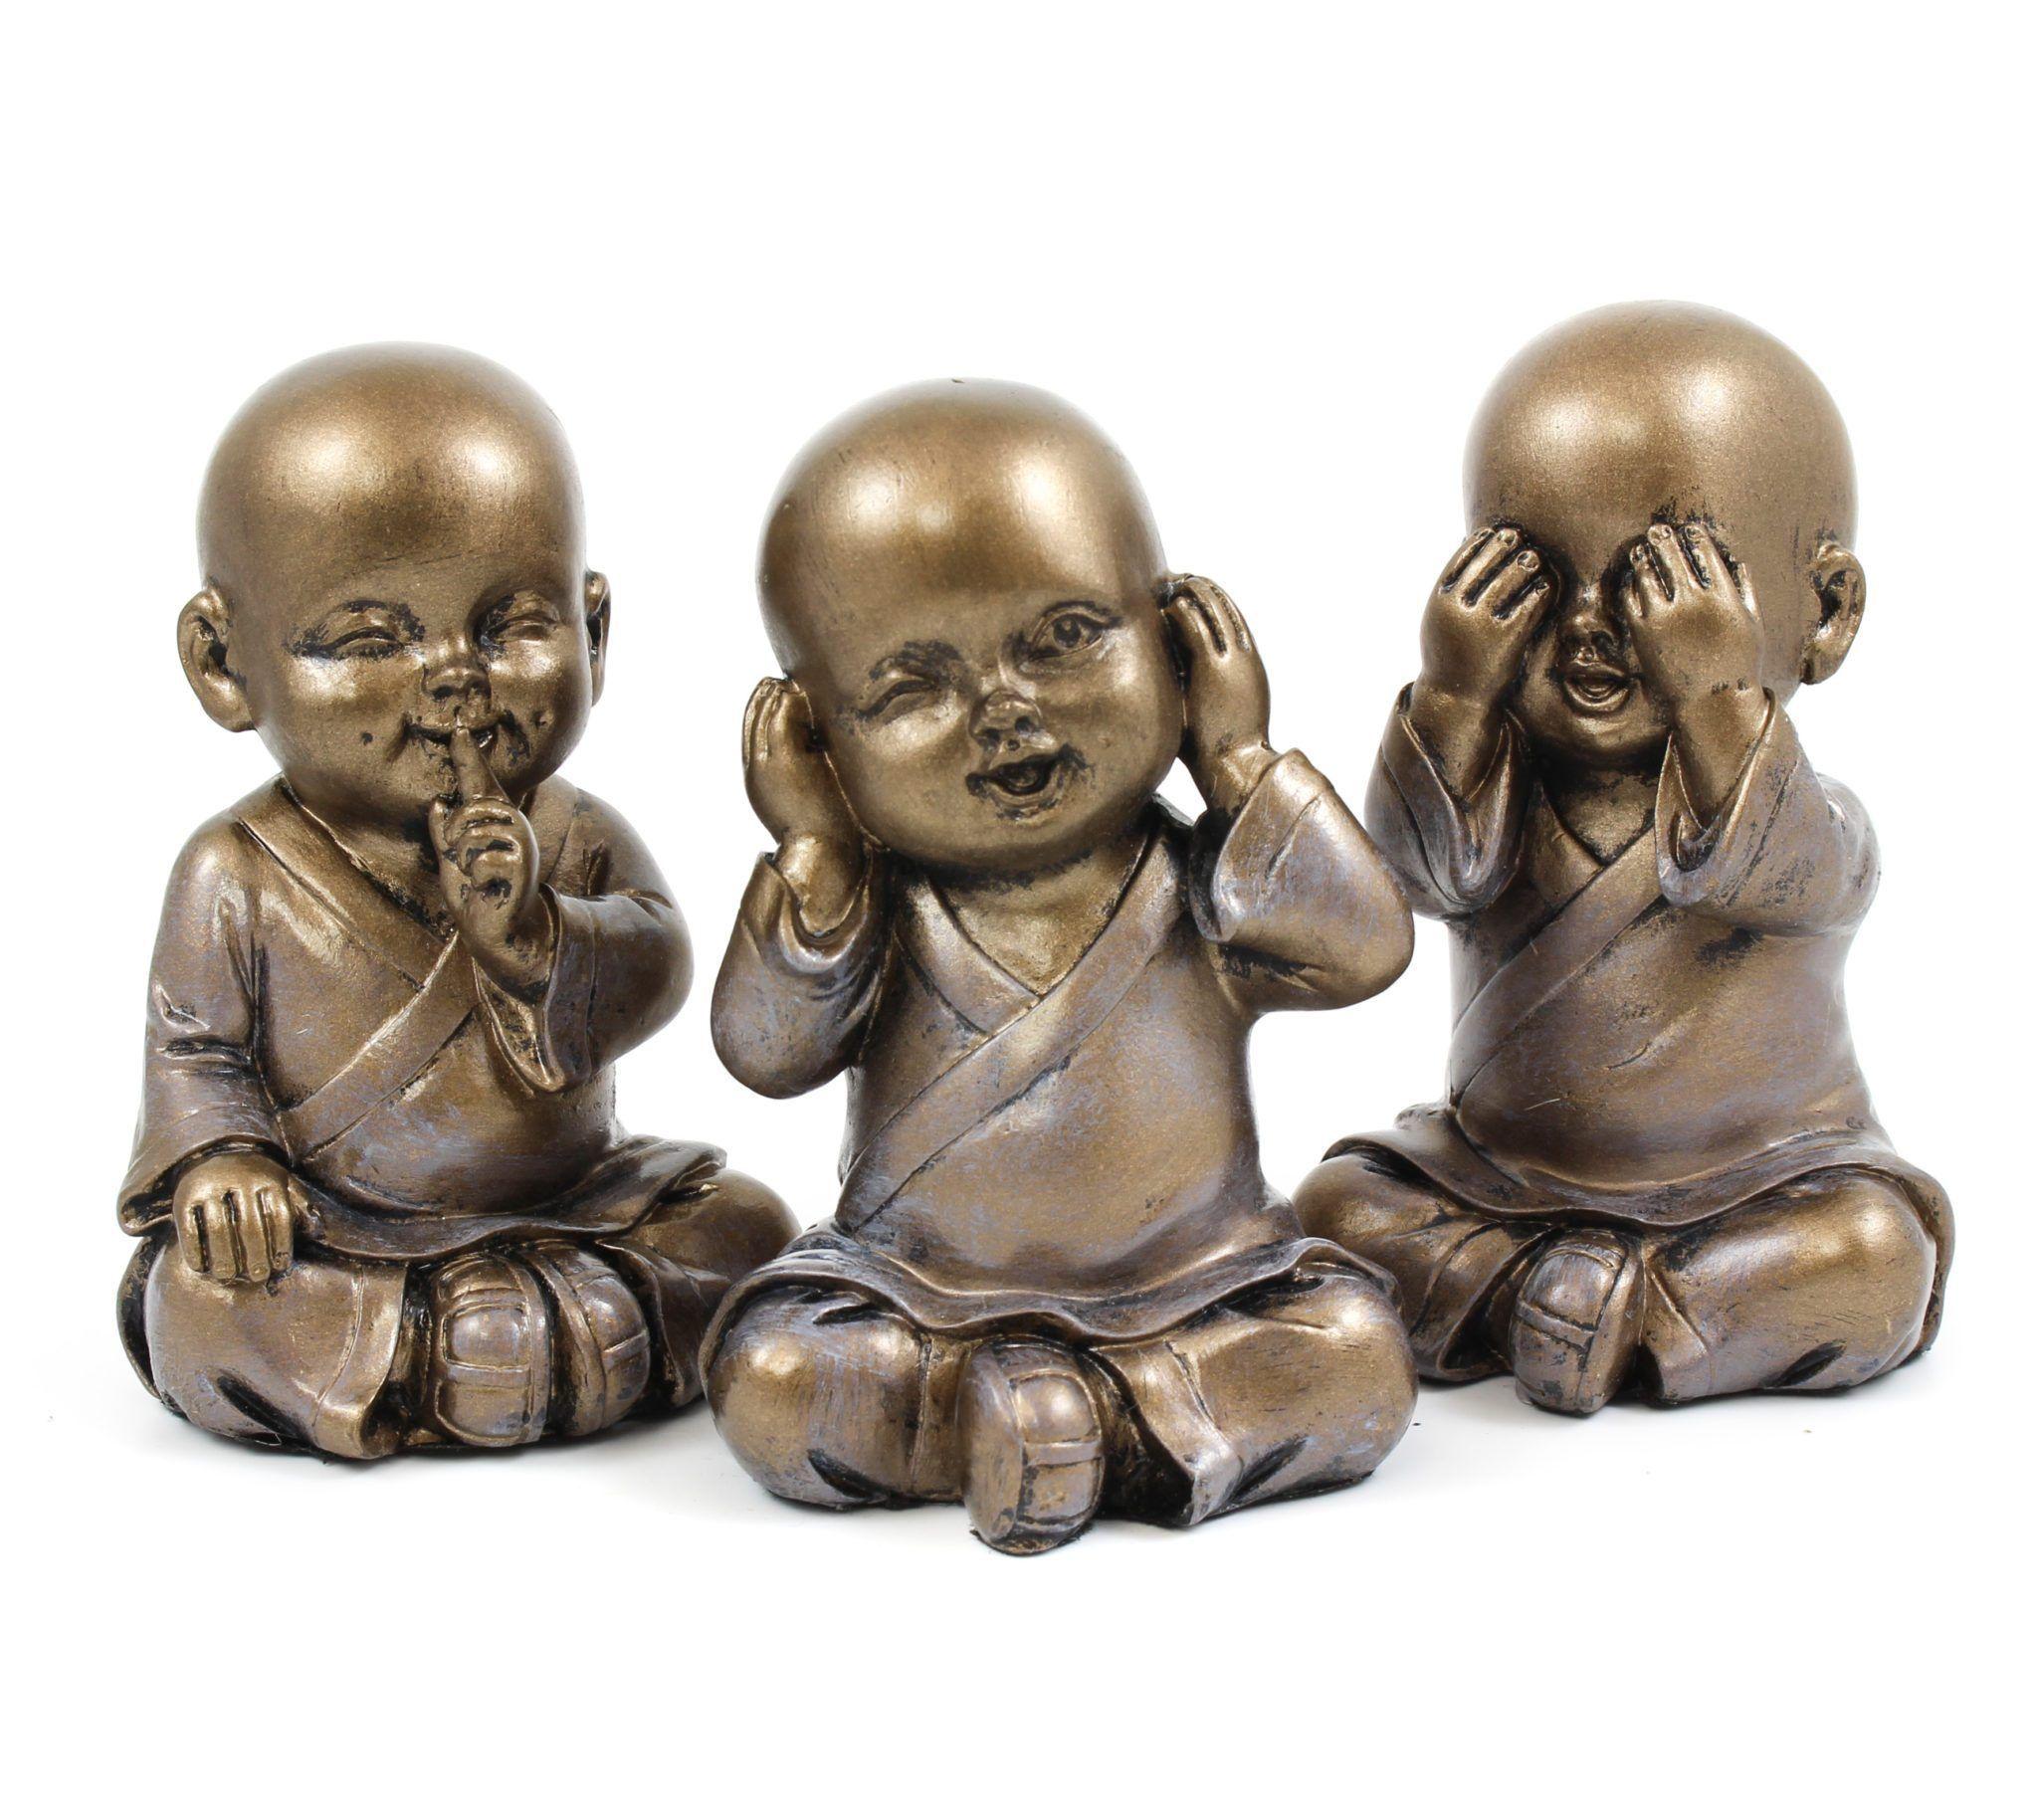 See No Evil Hear No Evil Speak No Evil Baby Monk Bronze Speak No Evil Hear No Evil See No Evil Buddha Statue Futuristic Interior